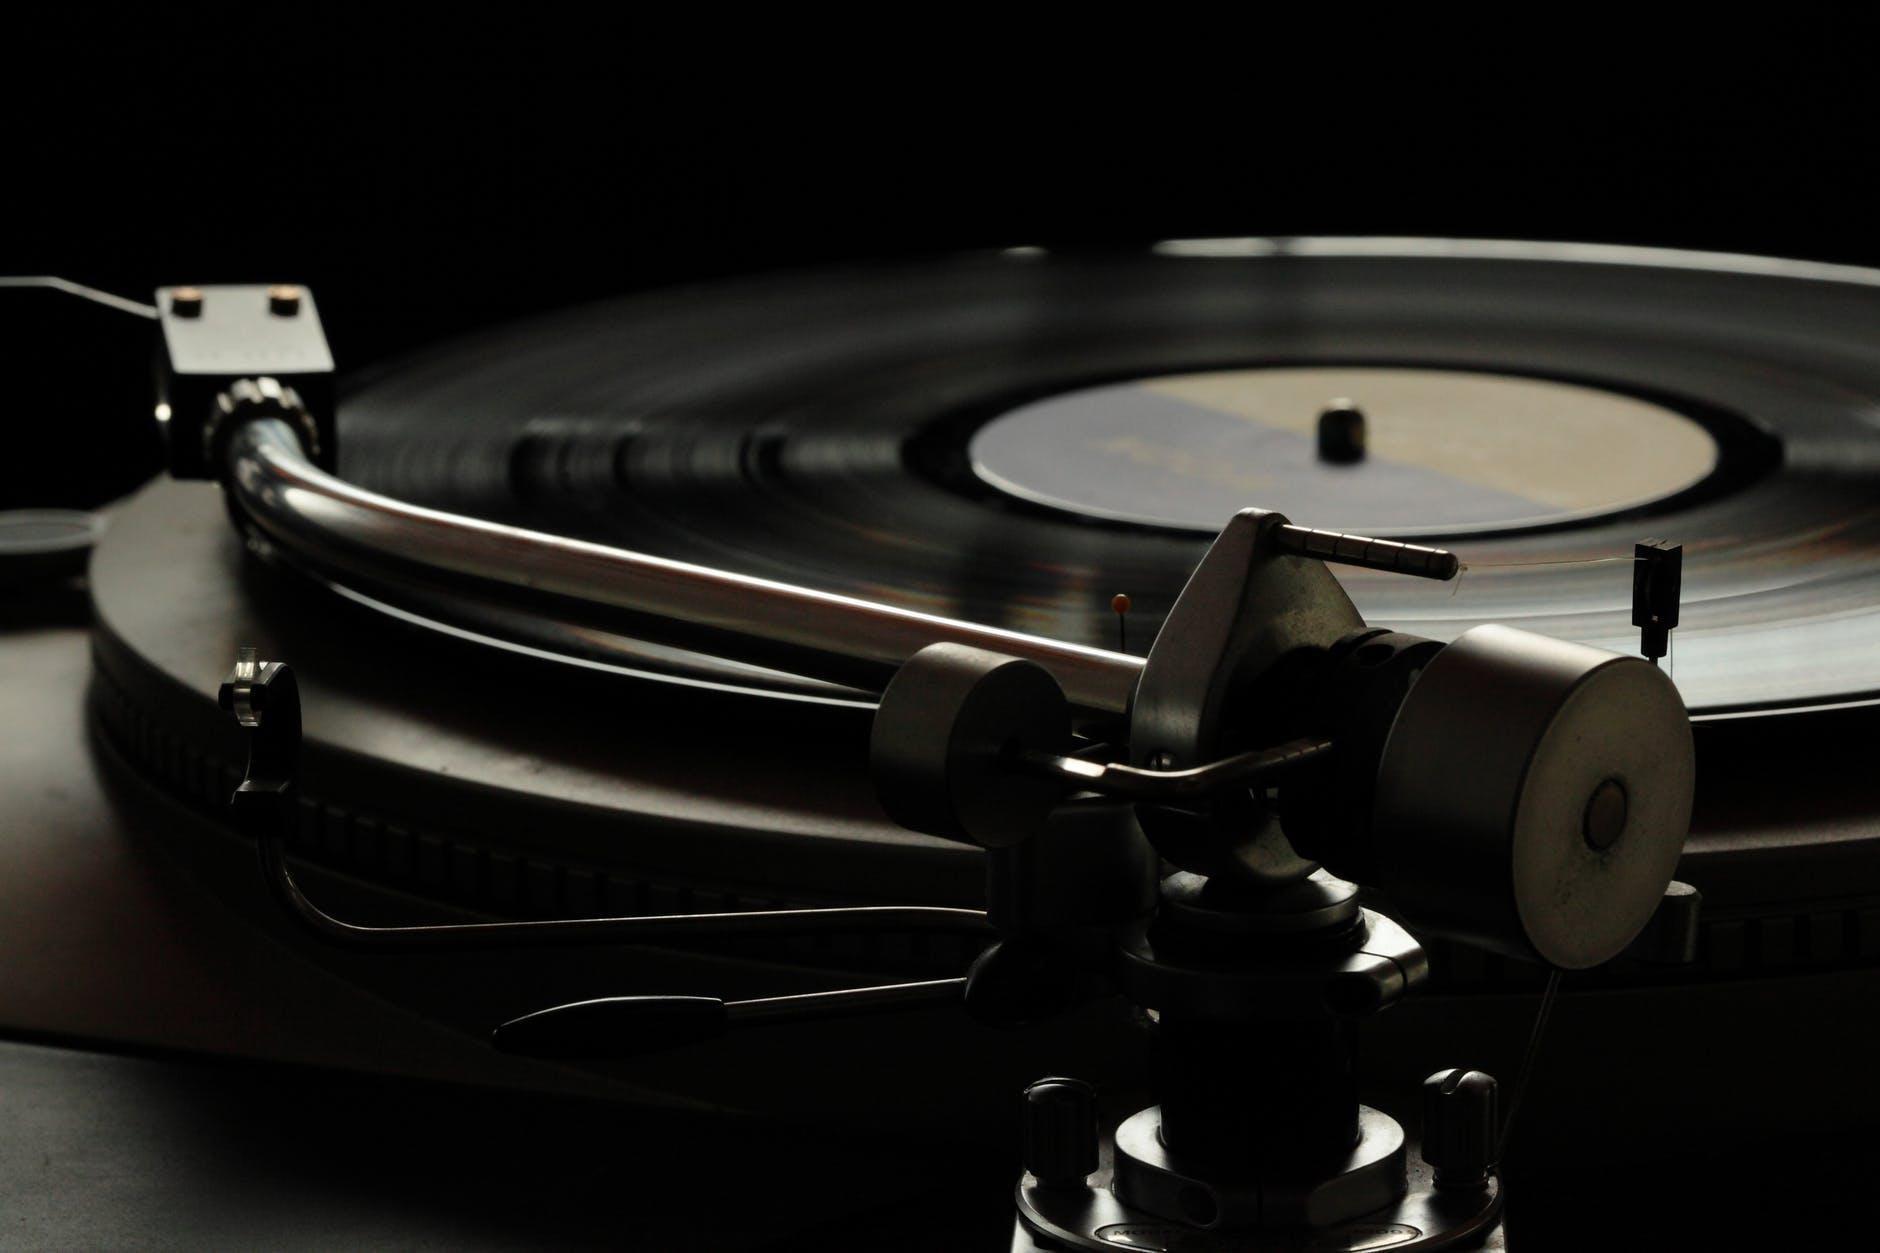 Что послушать фоном: 10 тематических подкастов о звуке, аудиотехнике, саундтреках и виниле - 3